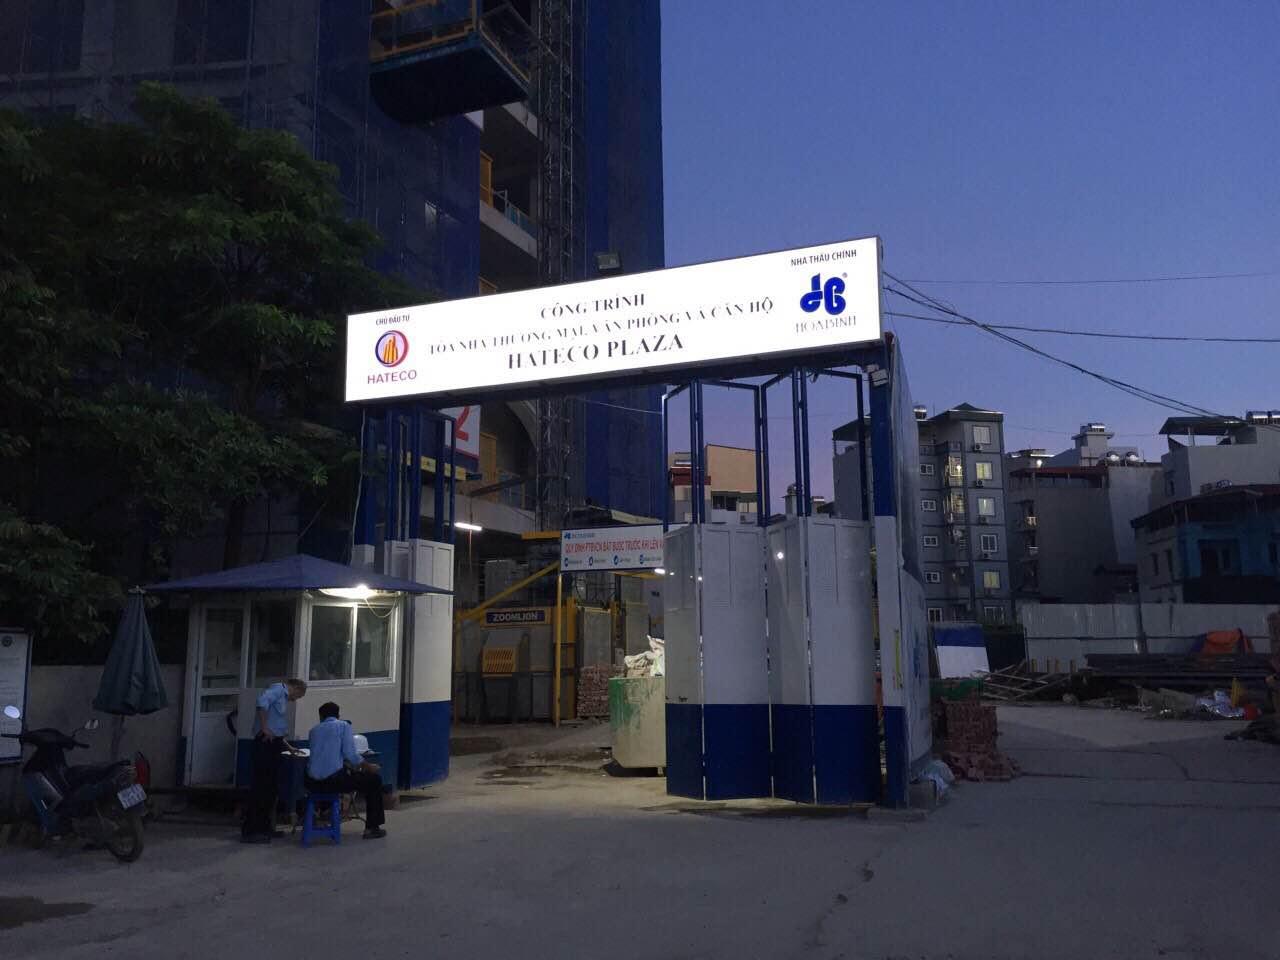 Cổng dự án Hateco Plaza tại lô đất 4A Láng Thượng, Đống Đa, Hà Nội